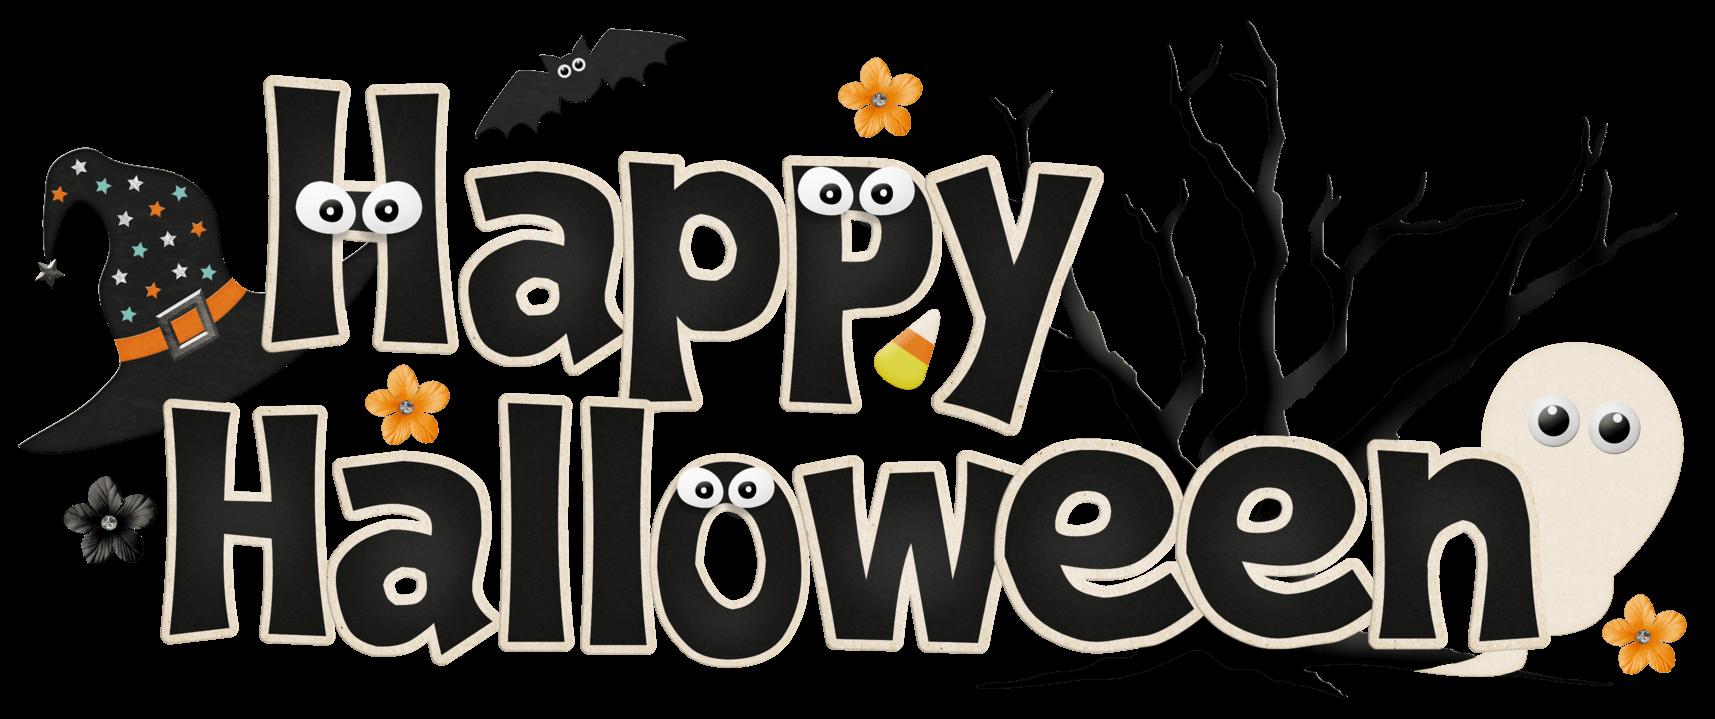 Image result for halloween transparent background